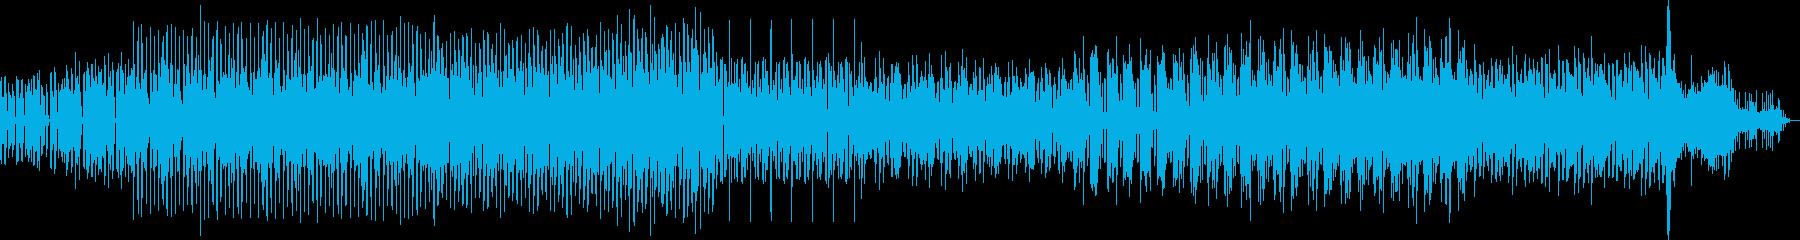 シャキシャキしたテクノ調サウンドの再生済みの波形